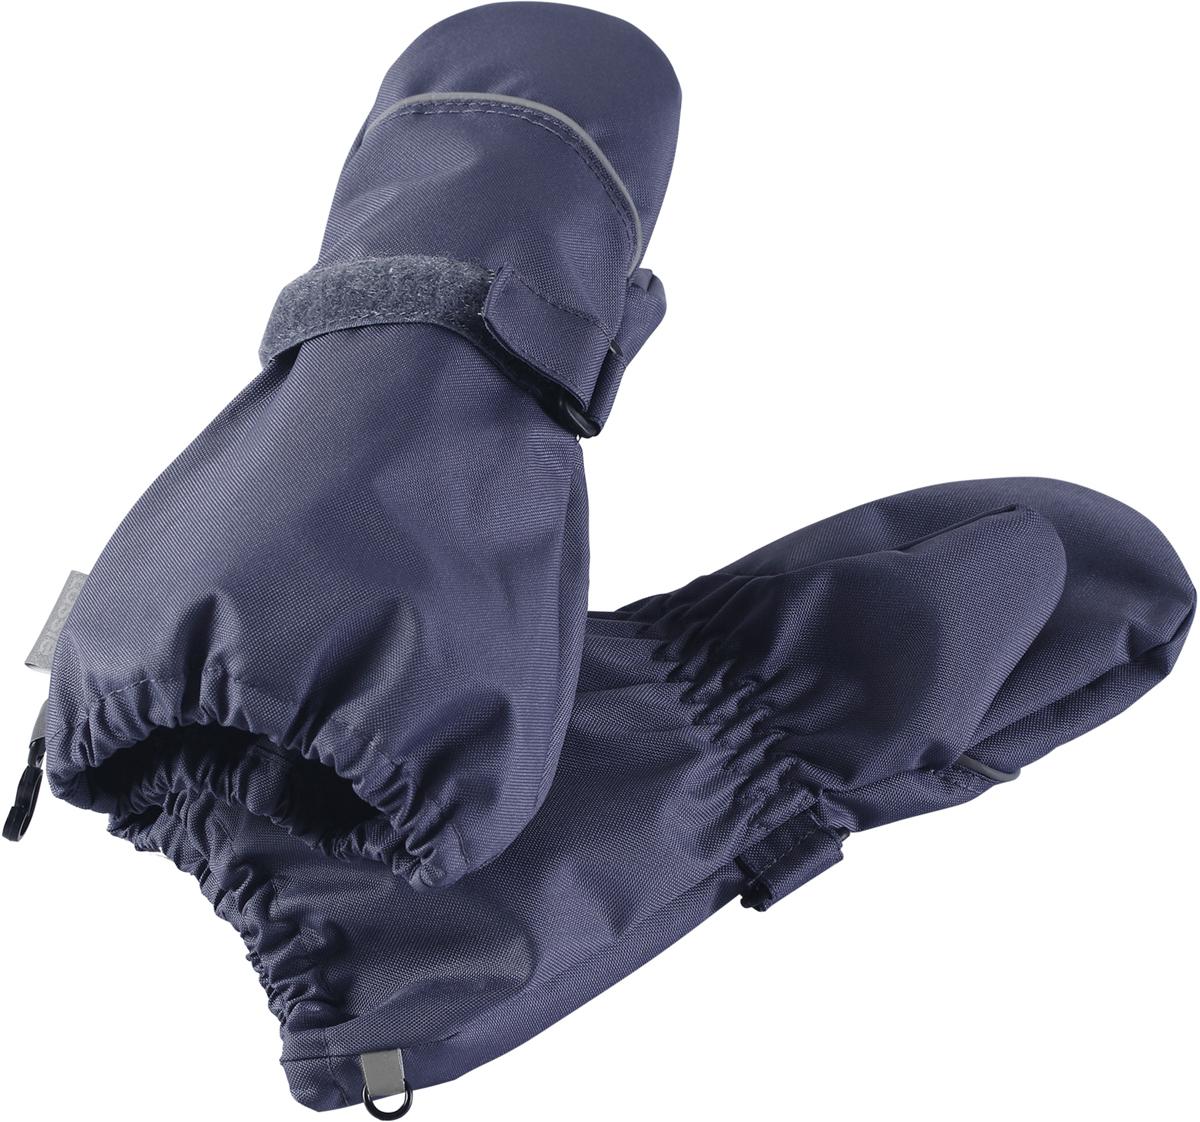 Варежки детские Lassie, цвет: серый. 7277049260. Размер 37277049260Благодаря водонепроницаемому материалу эти варежки не пропустят внутрь ни воду, ни сырость сколько бы луж не пришлось изучить вашему малышу. Прочный ветронепроницаемый материал также имеет грязеотталкивающую поверхность, а значит, очень прост в уходе. Удобная трикотажная подкладка из полиэстера с начесом очень приятная на ощупь. Практичные детали просто незаменимы: застежка сзади для удобства регулирования и светоотражающий кант по верху.